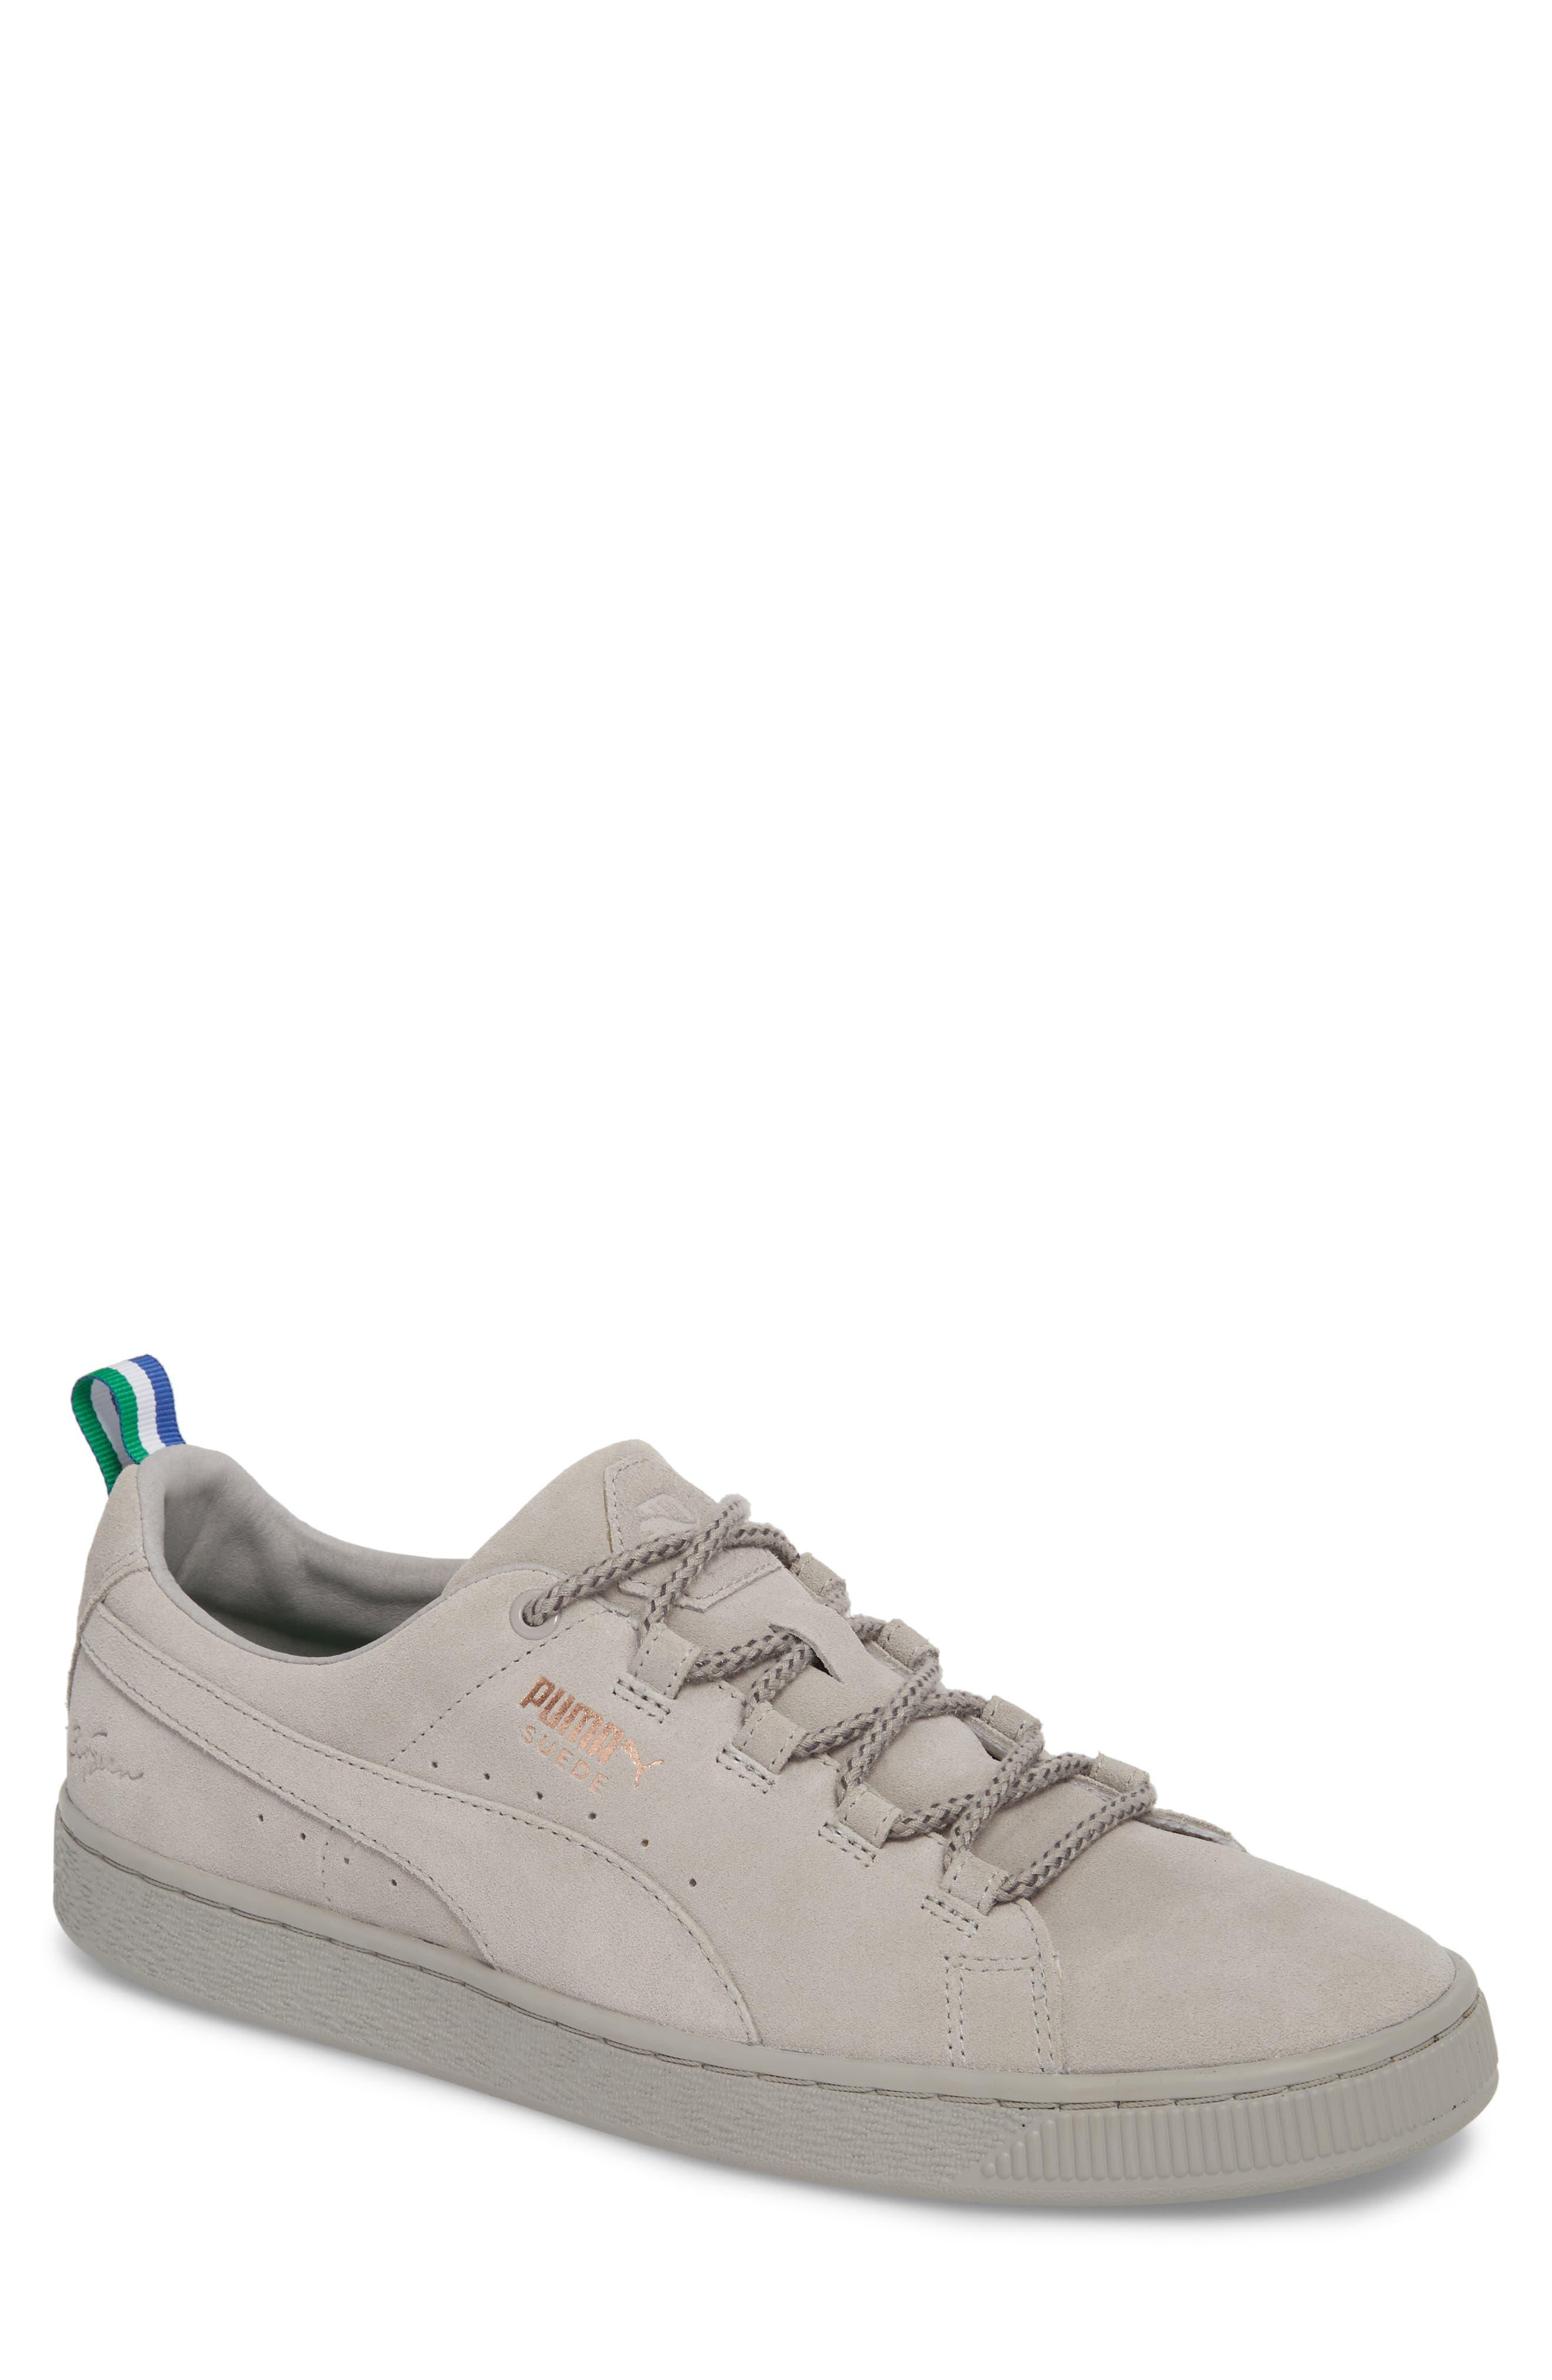 x Big Sean Suede Sneaker,                         Main,                         color, 060